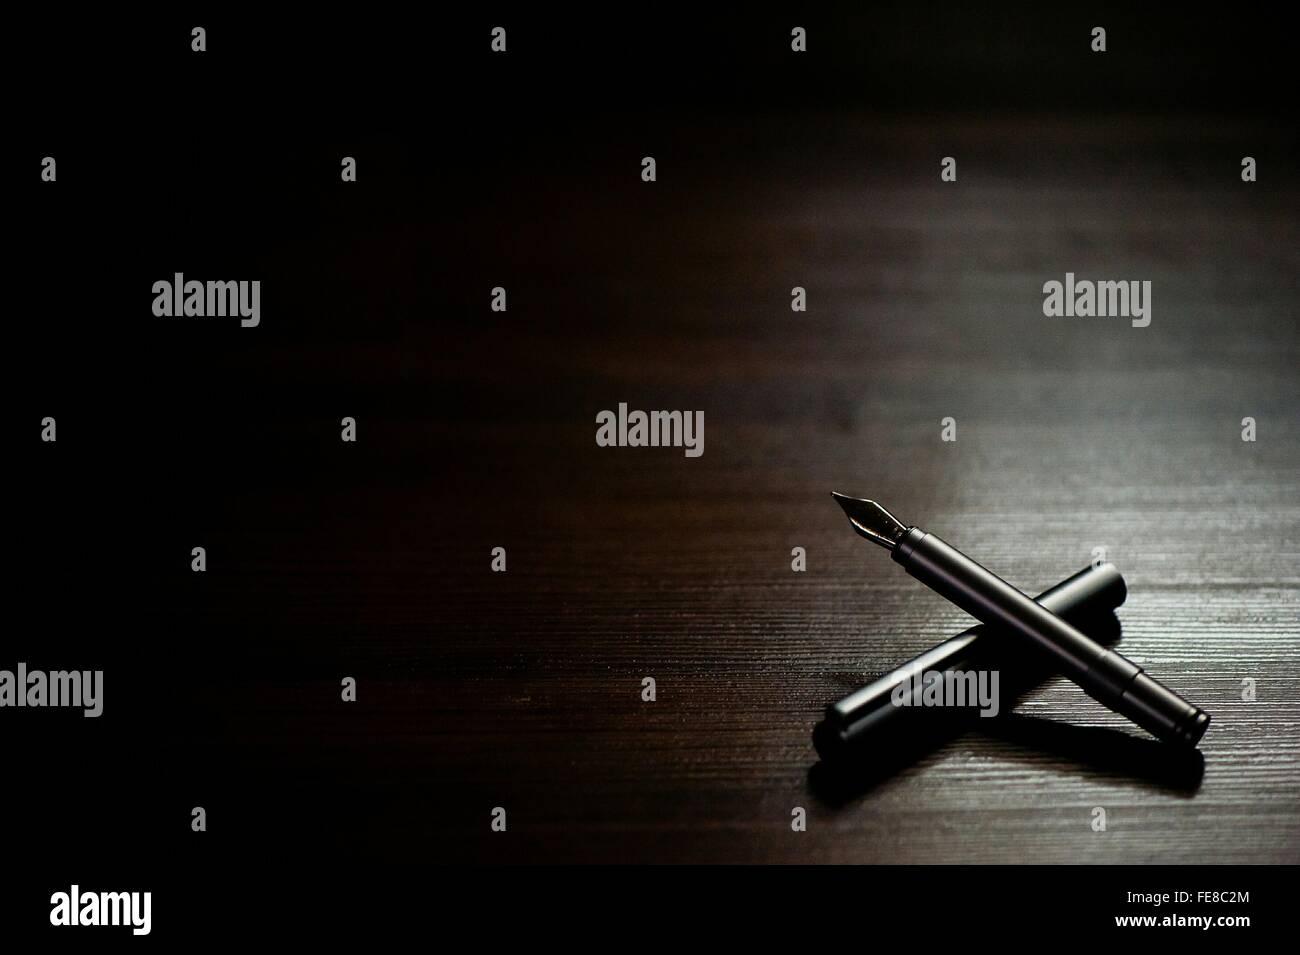 Alta Vista angolo di penna stilografica sul tavolo Immagini Stock